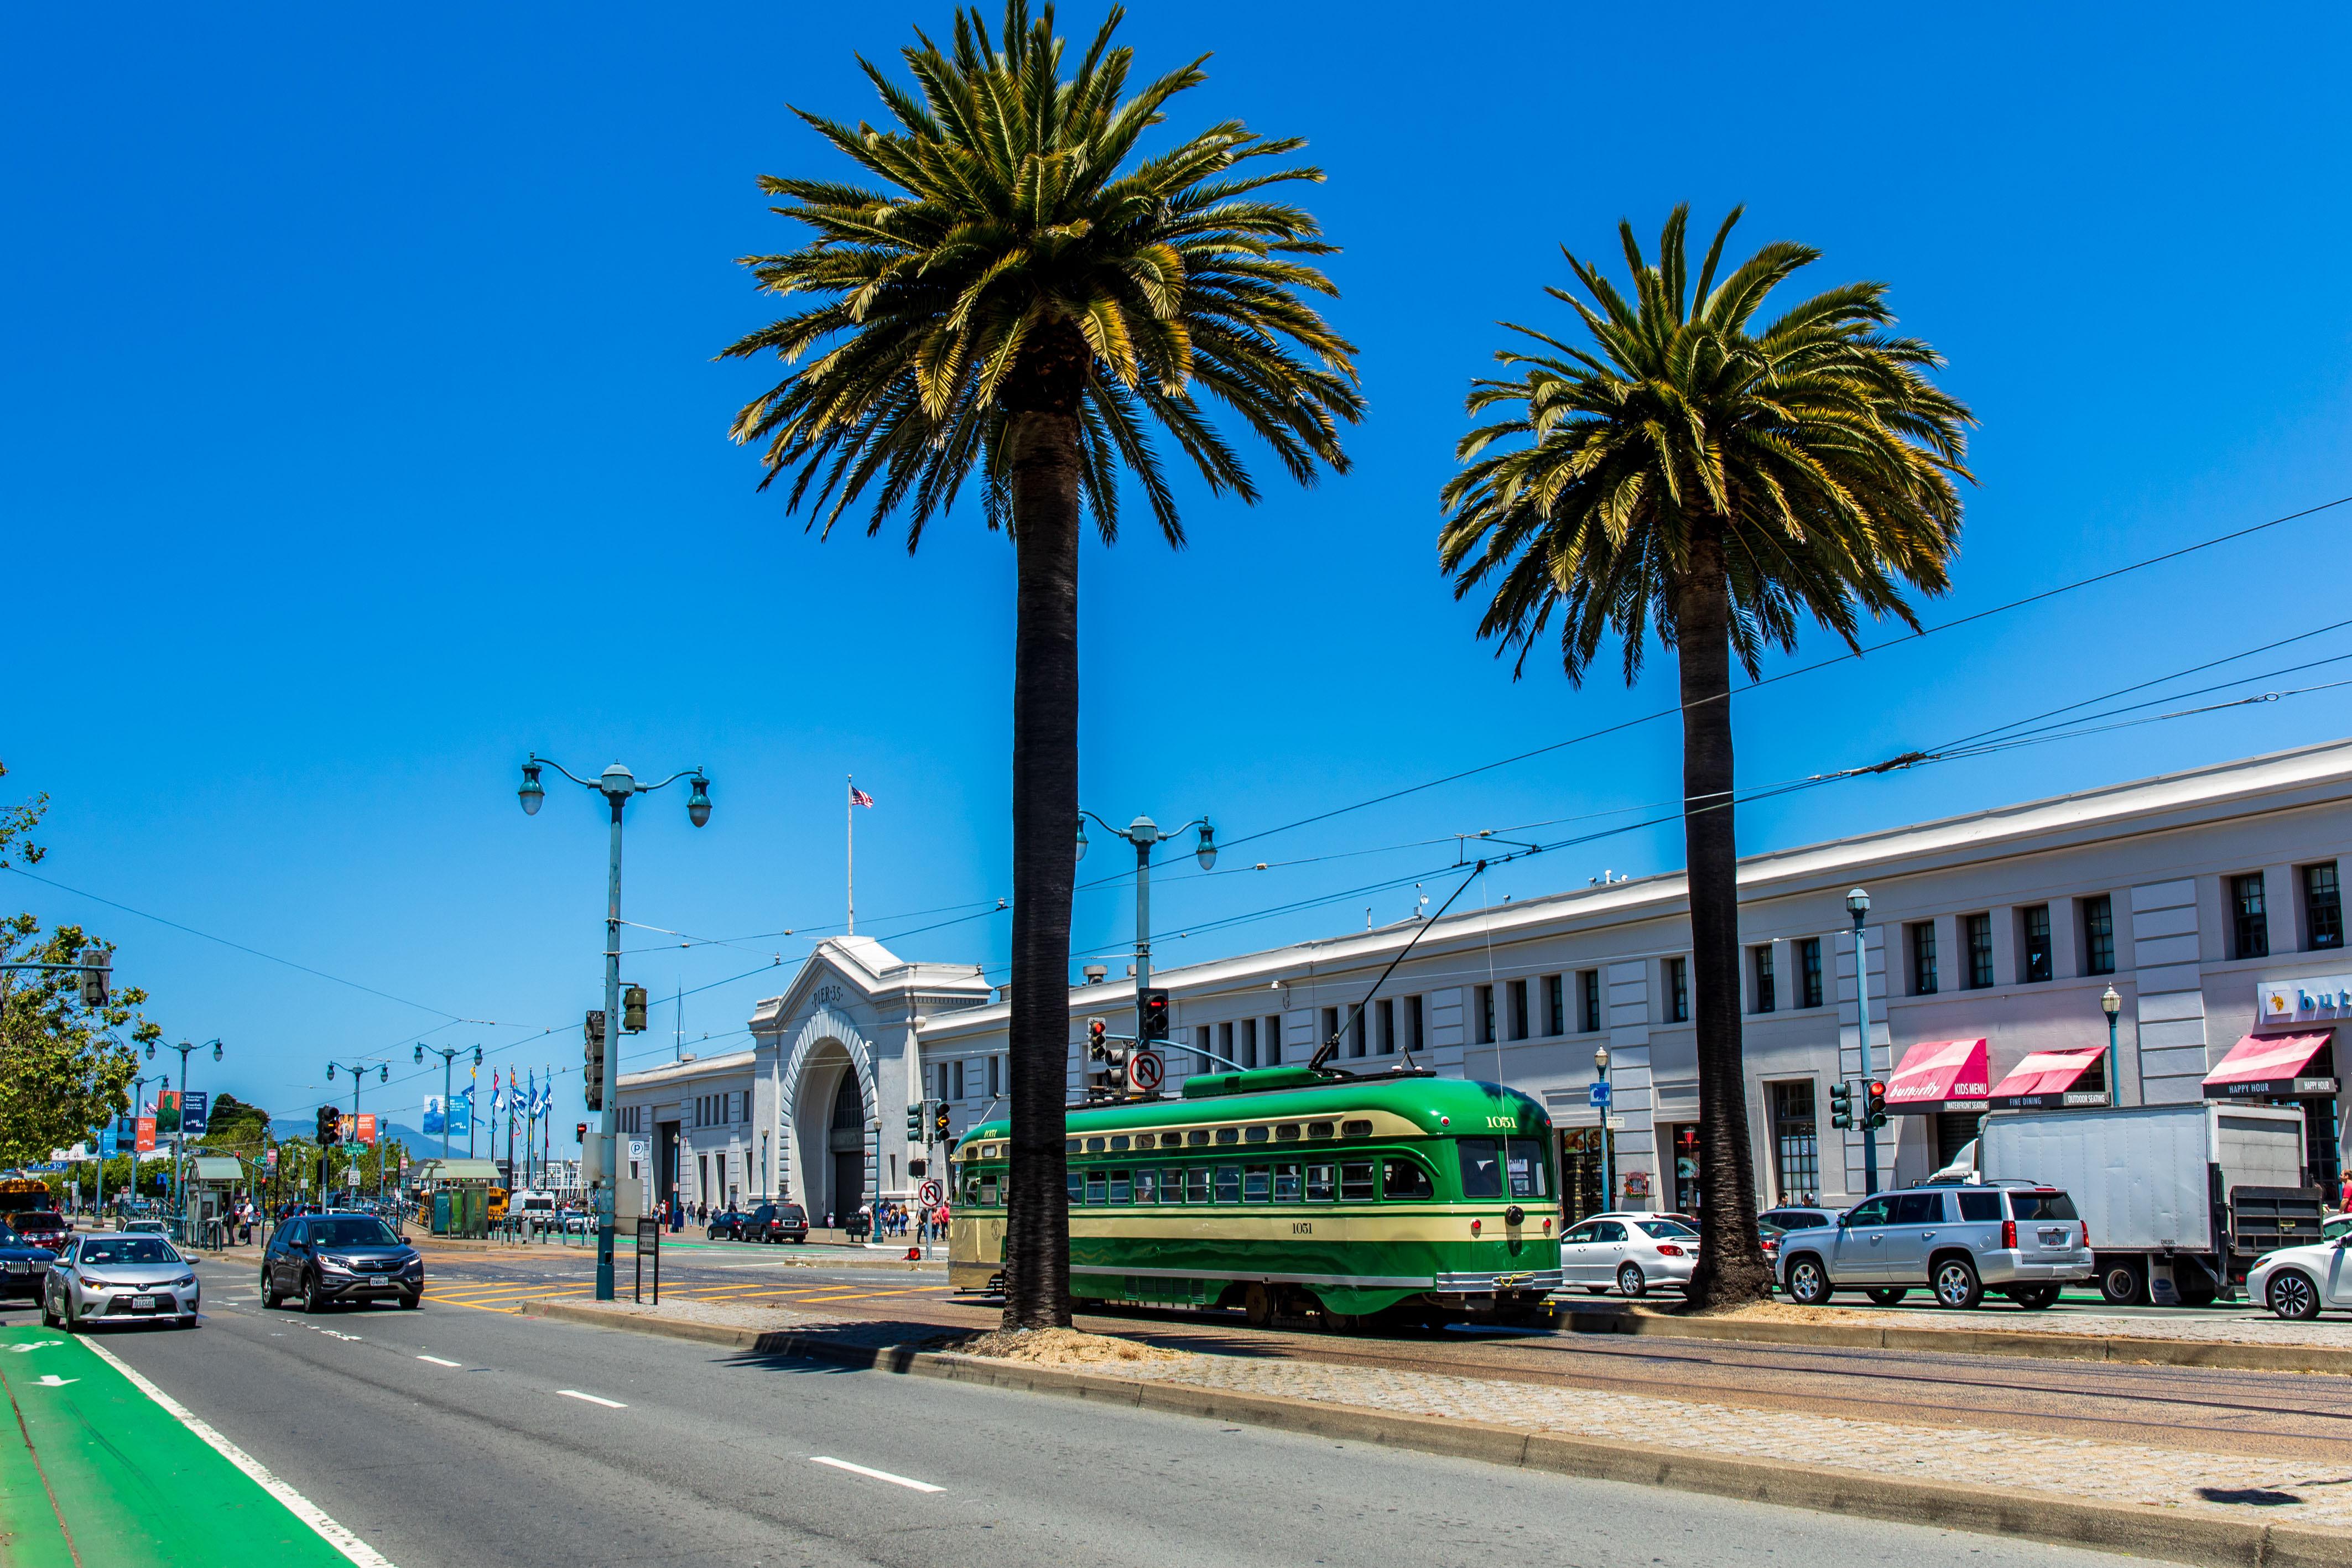 San Francisco gazdag lakói összedobtak 46 ezer dollárt, hogy ne nyíljon meg a közelben egy hajléktalanszálló